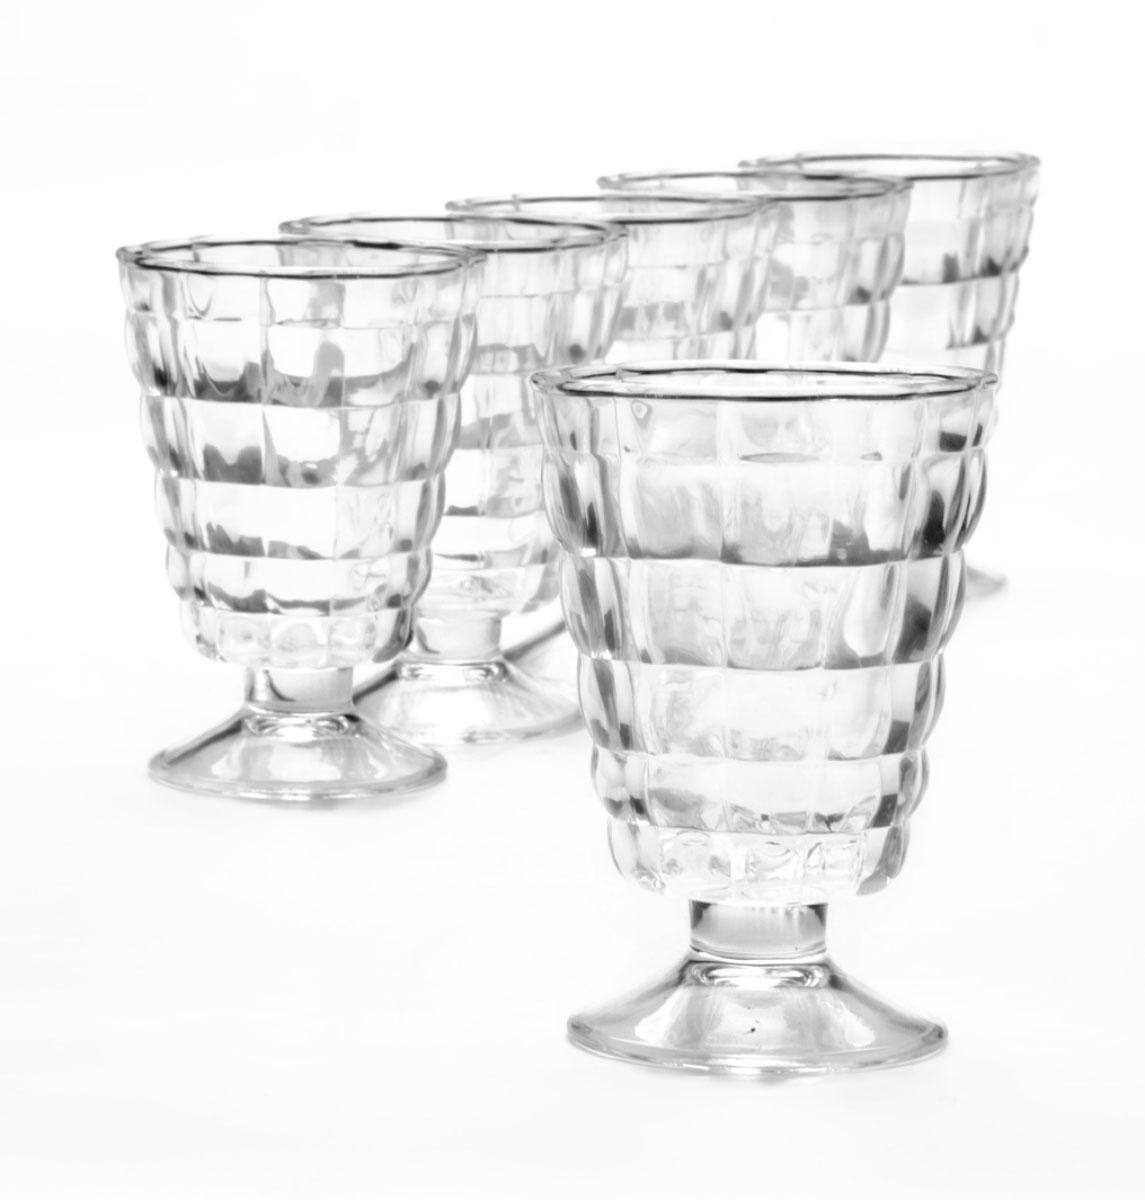 Набор стаканов Loraine, 220 мл, 6 шт. 2468624686Набор стаканов MAYER & BOCH состоит из шести стаканов, выполненных из прочного натрий-кальций-силикатного стекла. Внешние стенки изделий украшены изящным рельефом. Такие стаканы прекрасно подойдут для подачи лимонада, сока, воды и других напитков. Набор стаканов MAYER & BOCH станет незаменимым на вашей кухне, а изящный дизайн порадует любую хозяйку.